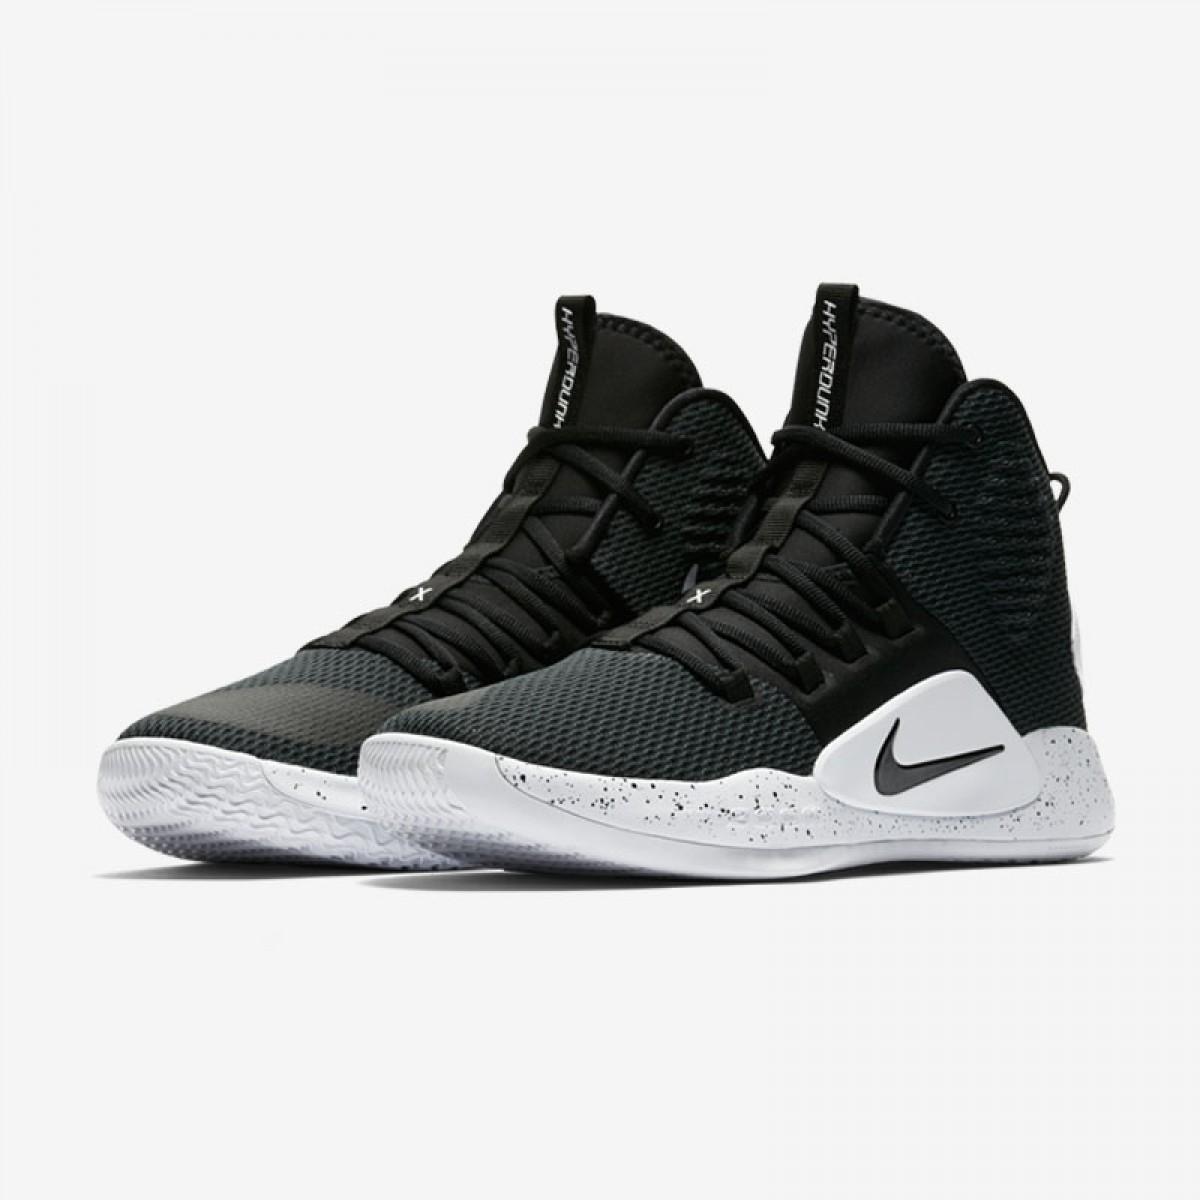 Nike Hyperdunk X 'Black' AO7893-001